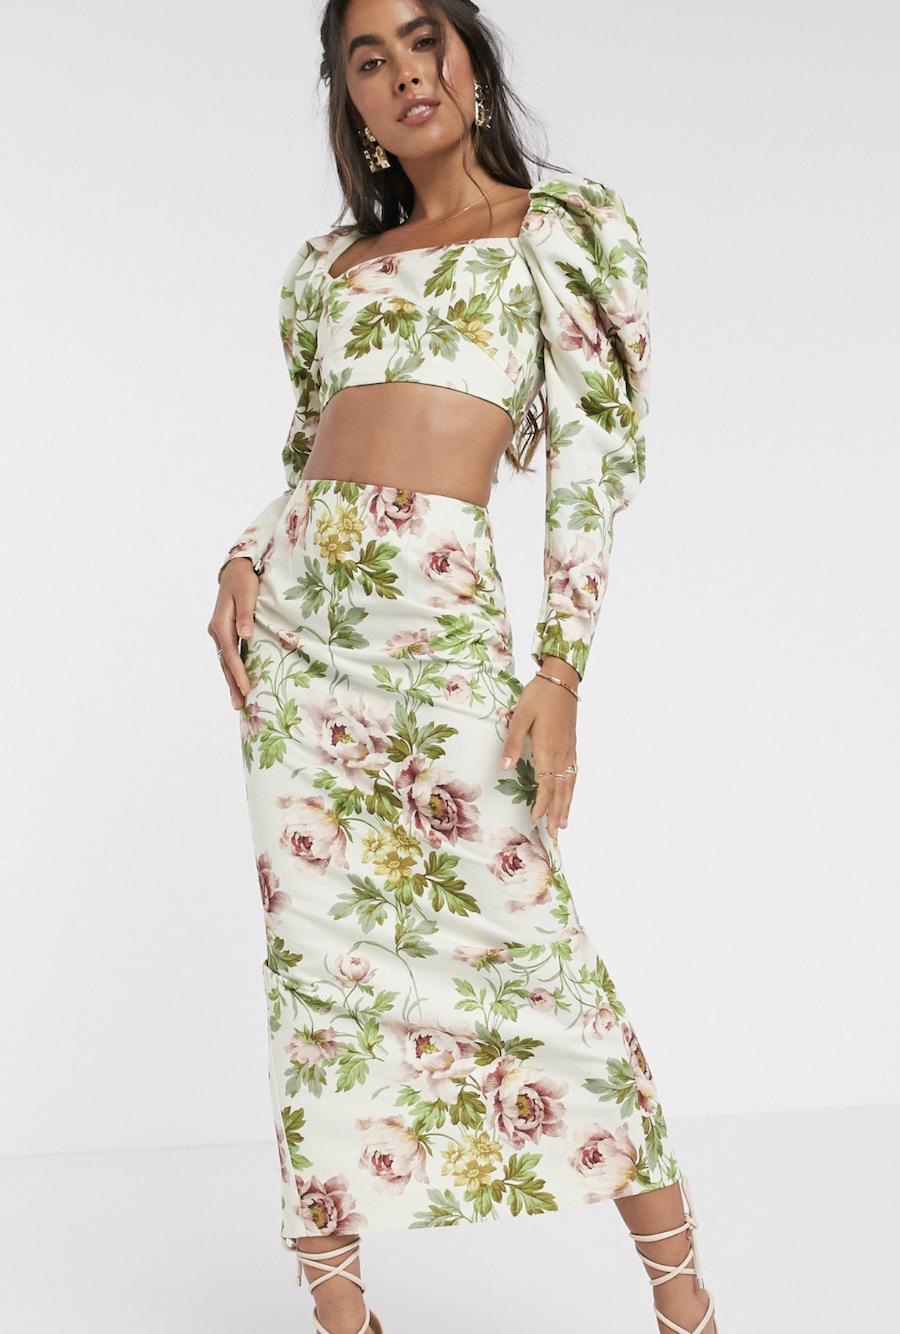 Falda midi con estampado floral romántico de ASOS EDITION